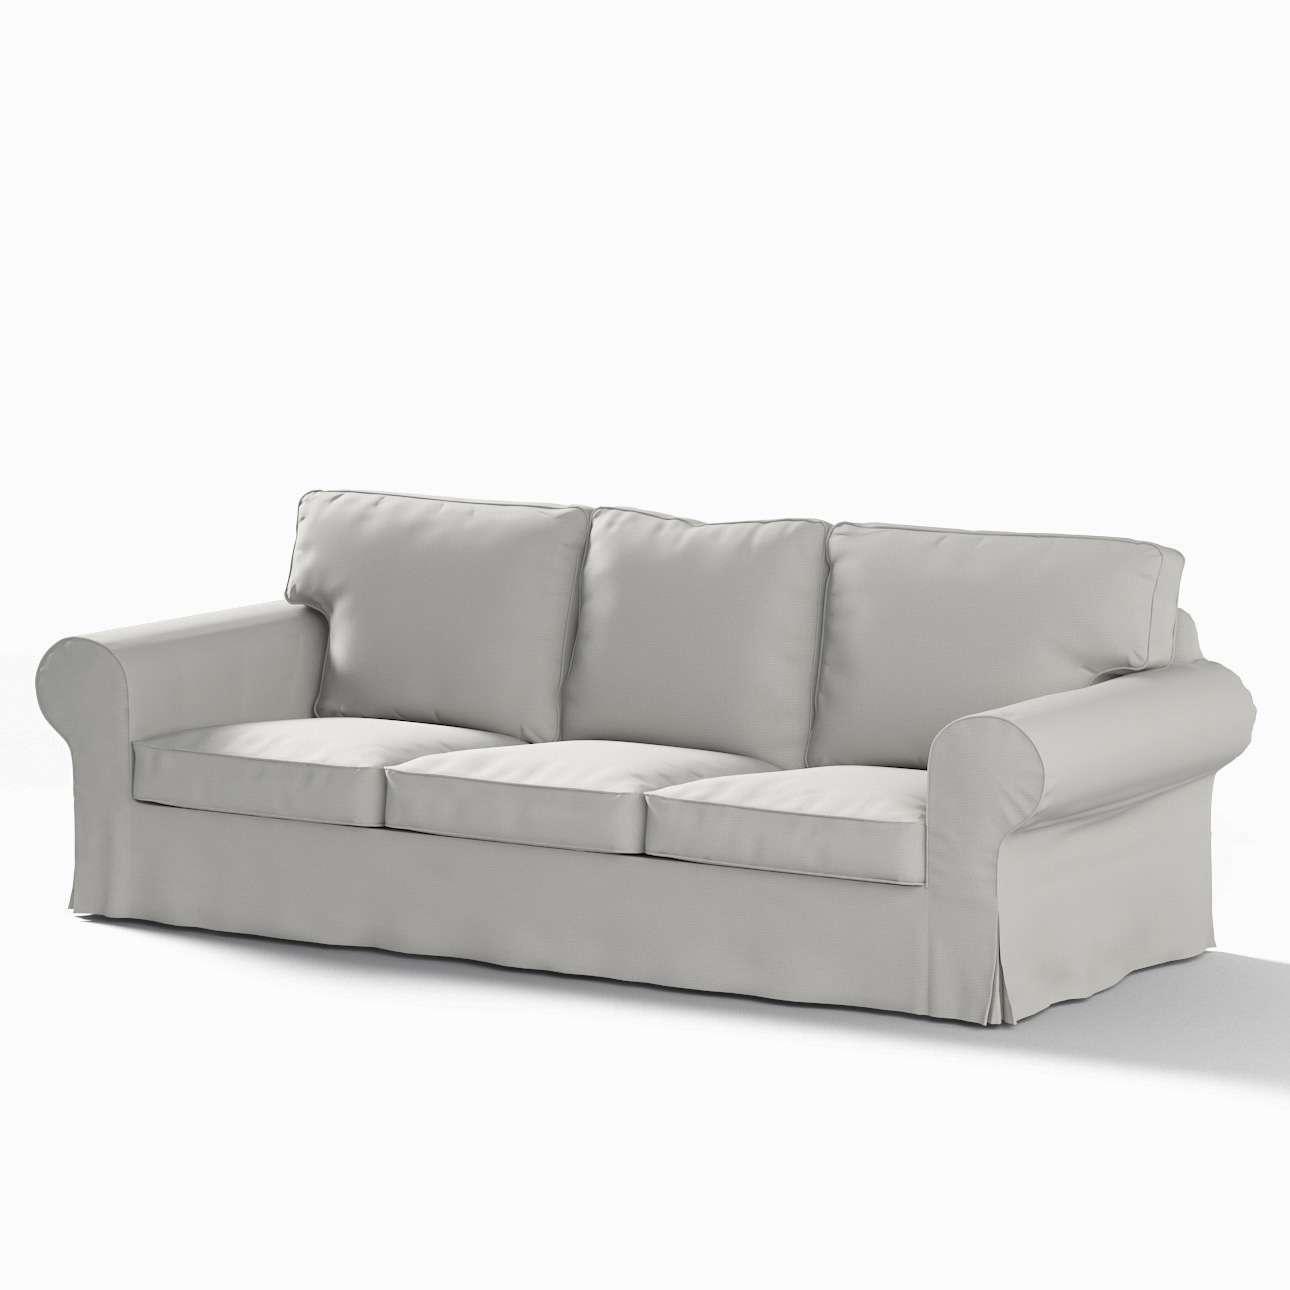 Ektorp 3 sæder Betræk uden sofa fra kollektionen Etna, Stof: 705-90